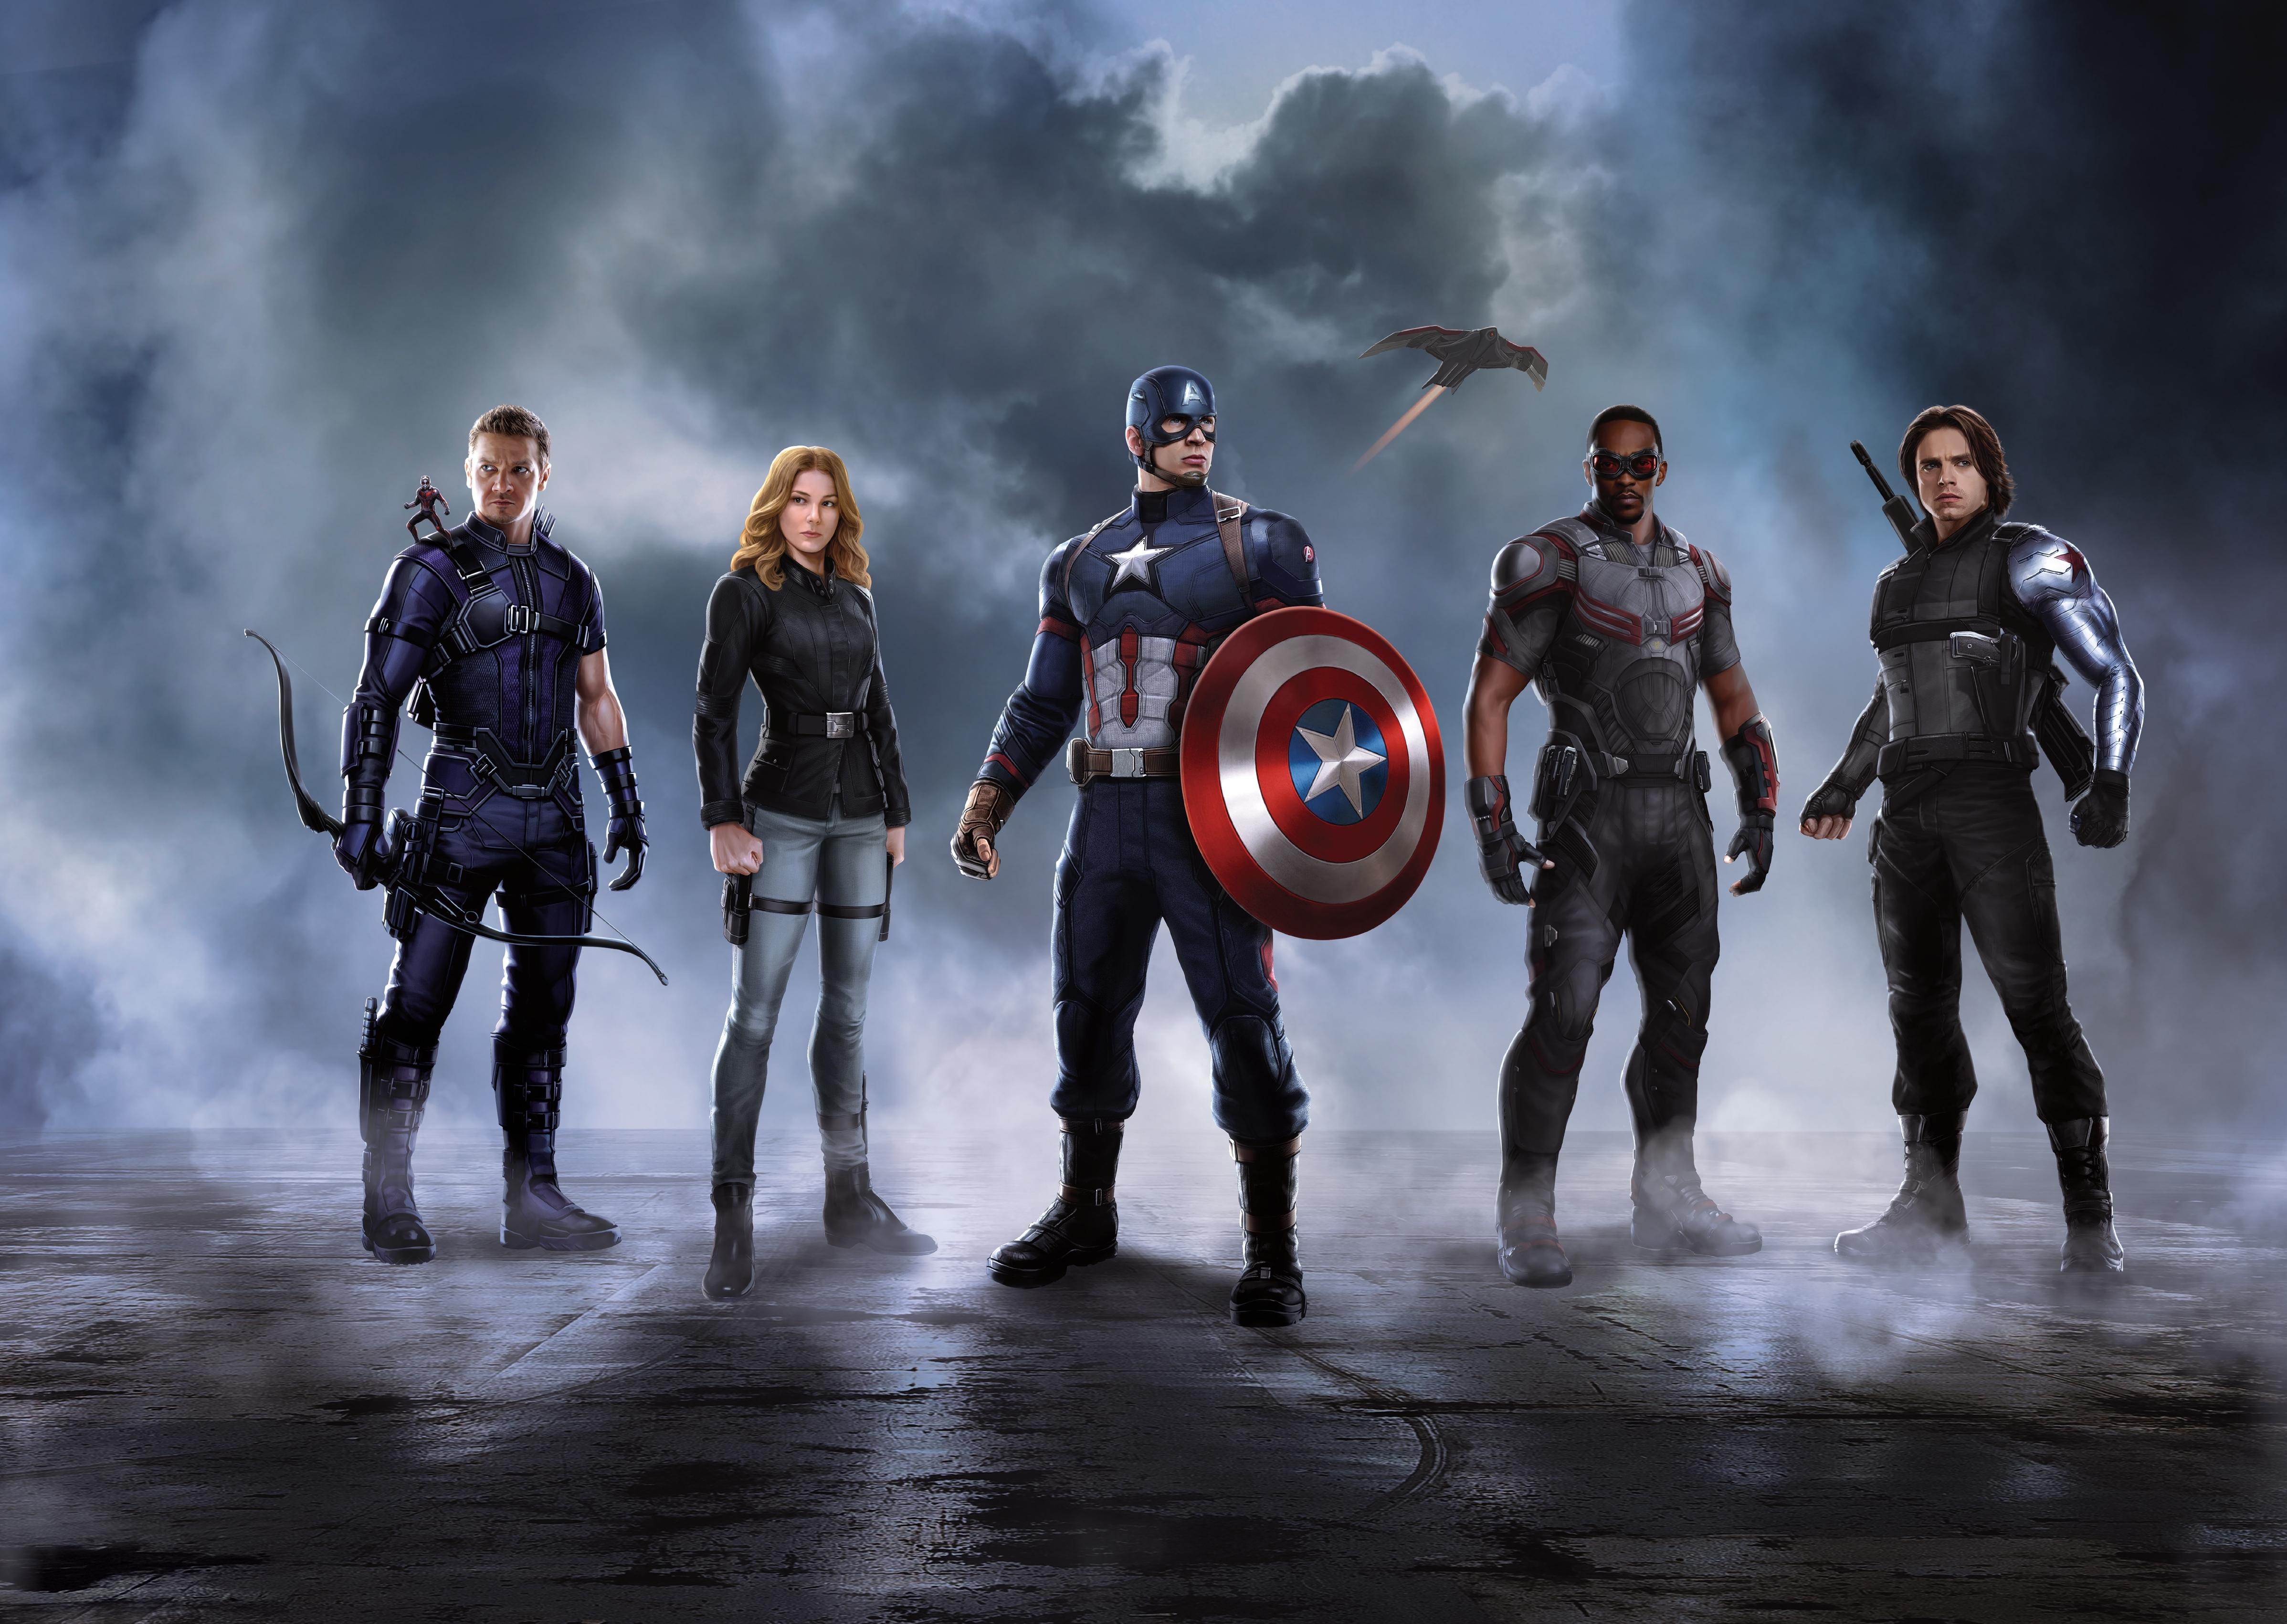 Captain America Civil War is a 2016 superhero film based on the Marvel Comics superhero of the same name It is a sequel to Captain America The First Avenger